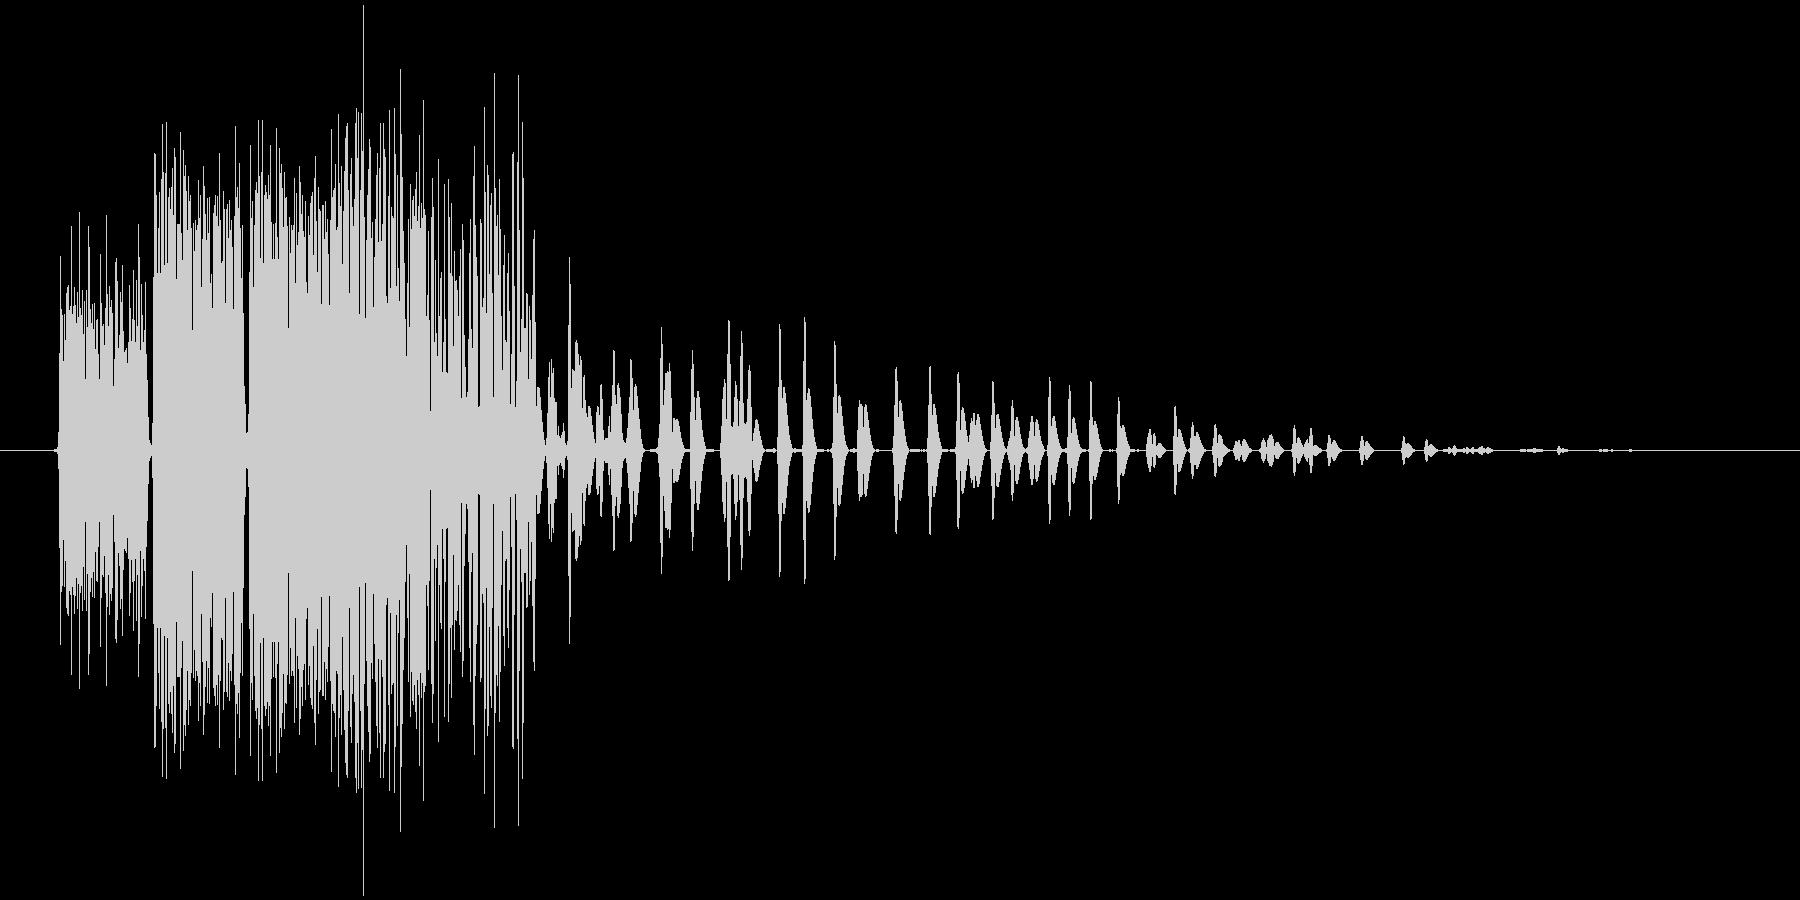 火の玉を連続で投げたような効果音ですの未再生の波形